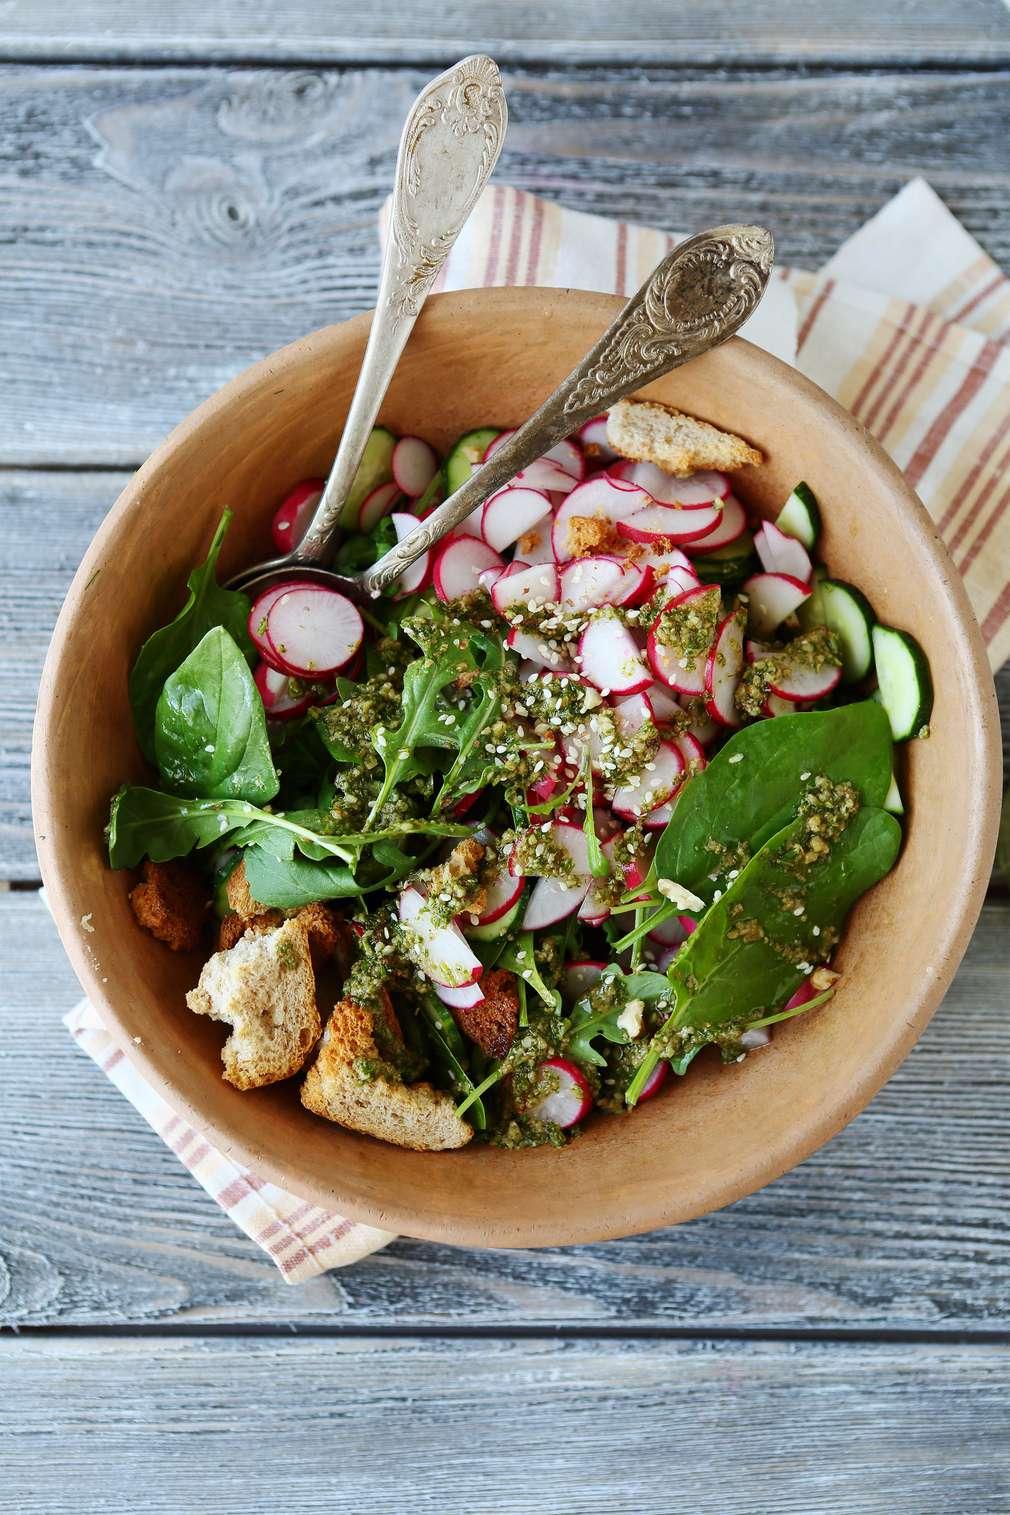 Gesund und lecker: So geht Salat